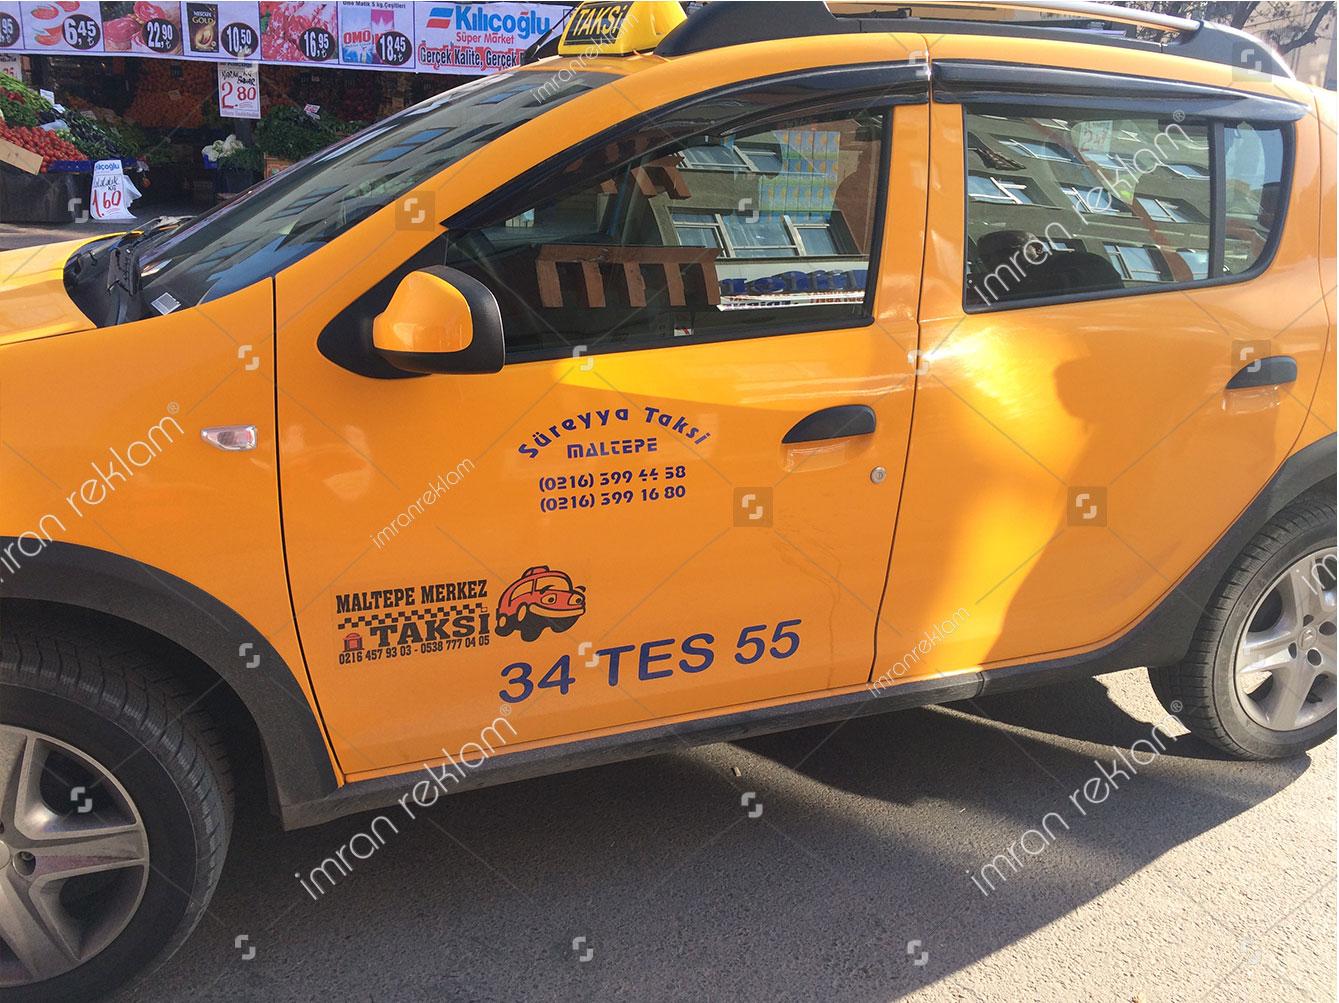 taksi-kapisi-yazilari